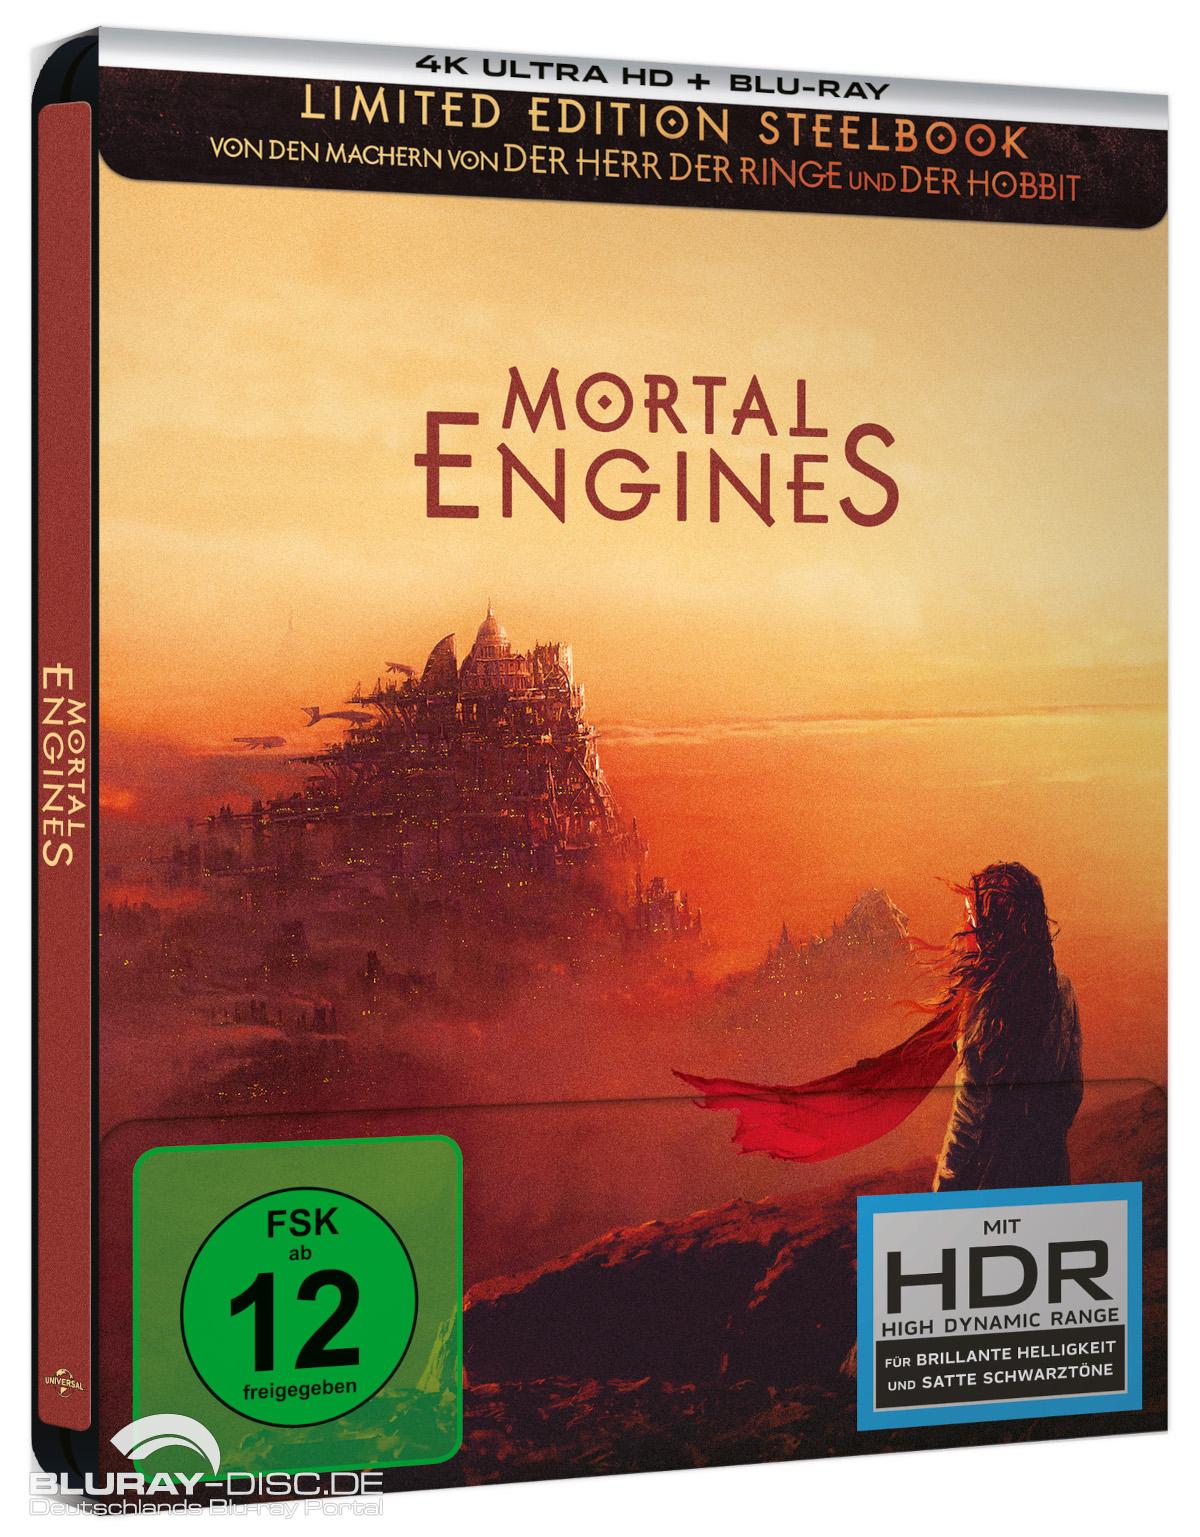 Mortal-Engines-4K-Steelbook-Galerie-01.jpg